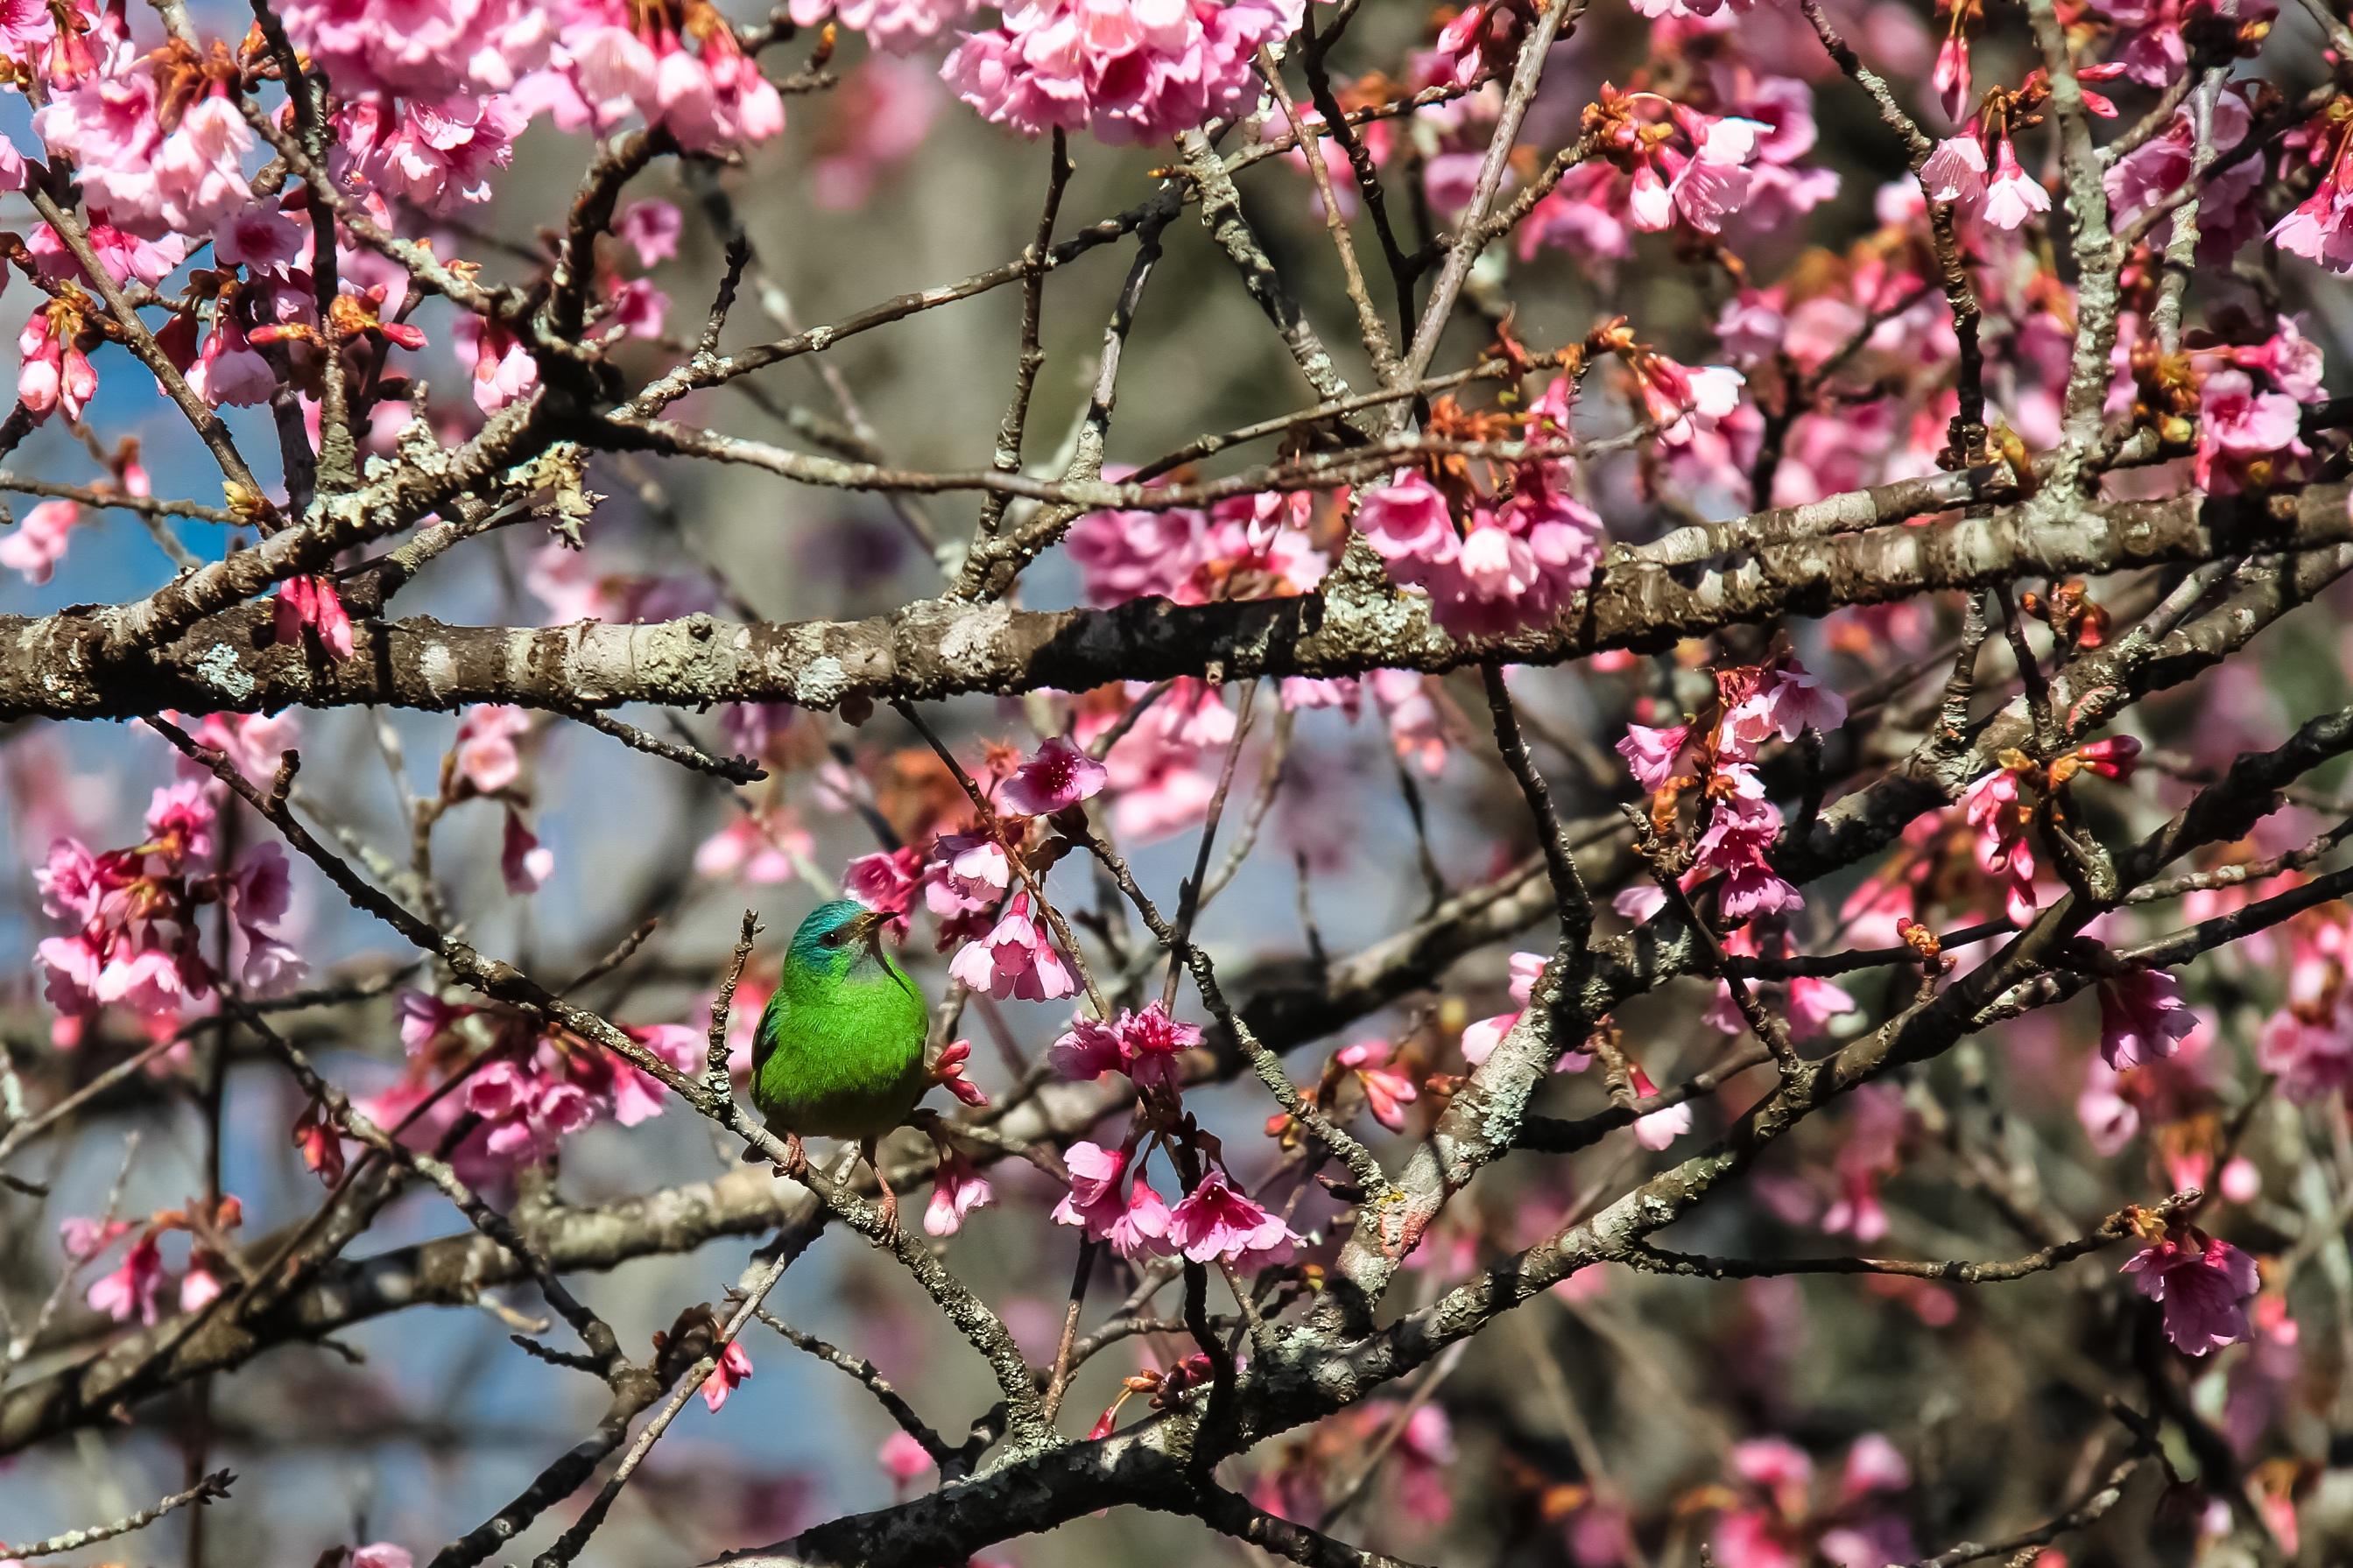 Unduh 54+ Gambar Bunga Sakura Hidup Gratis